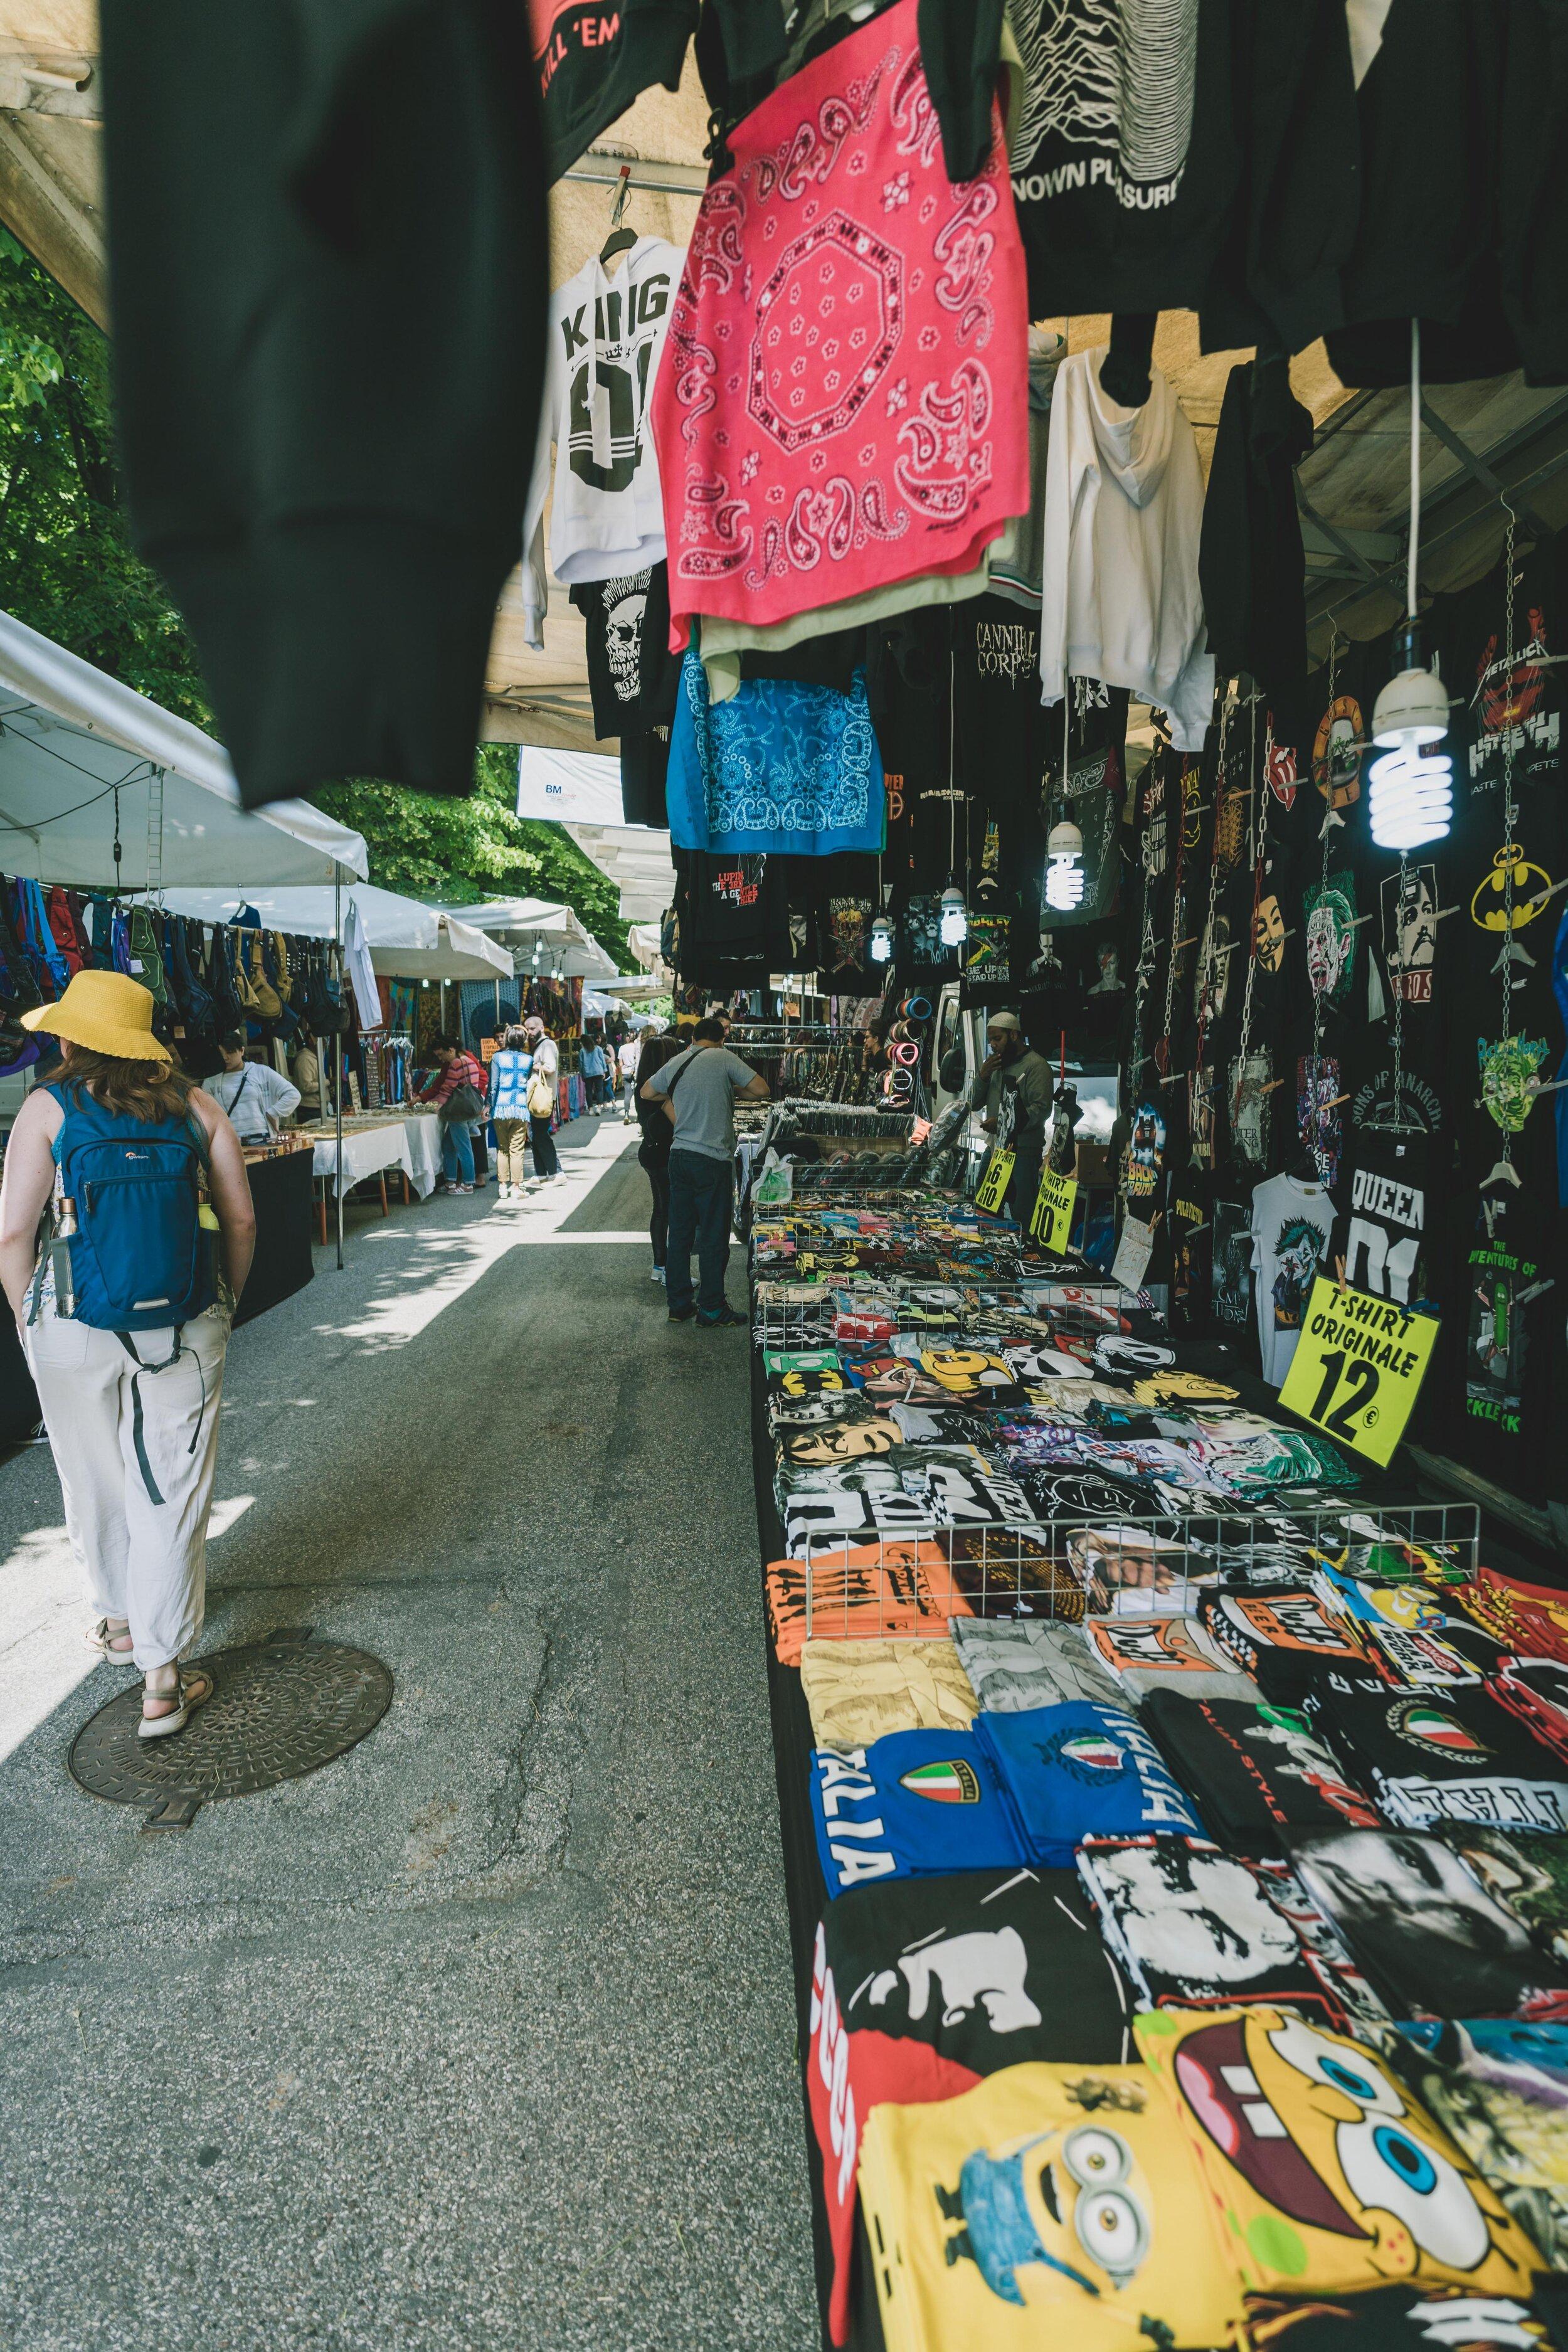 t shirts for sale in flea market.jpg